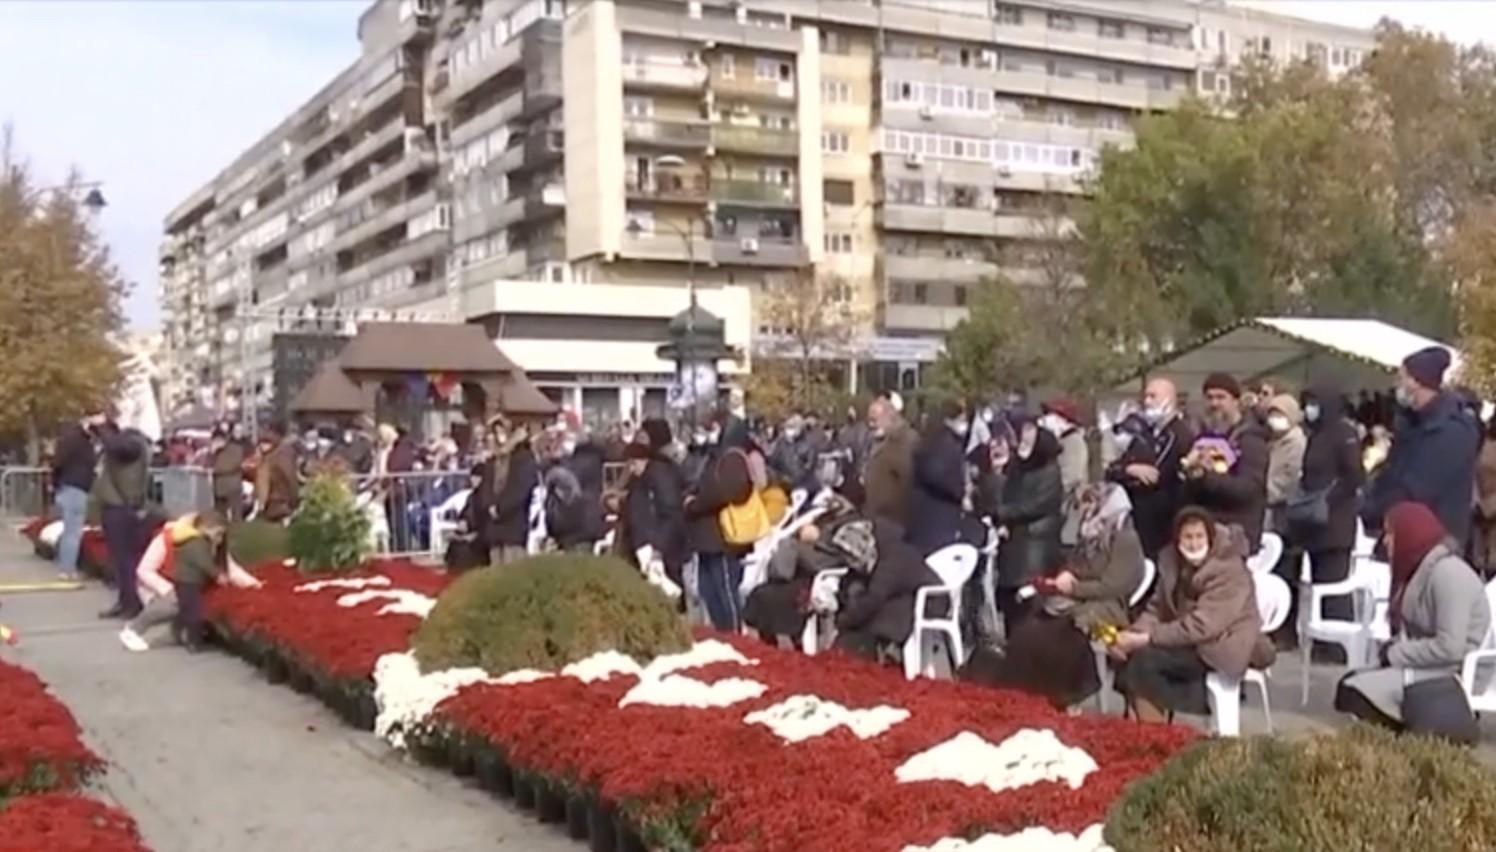 Coadă de peste un kilometru la Sf. Parascheva. 5.000 de oameni, la rând pentru a săruta racla cu moaște. Nu toți respectă regulile. VIDEO